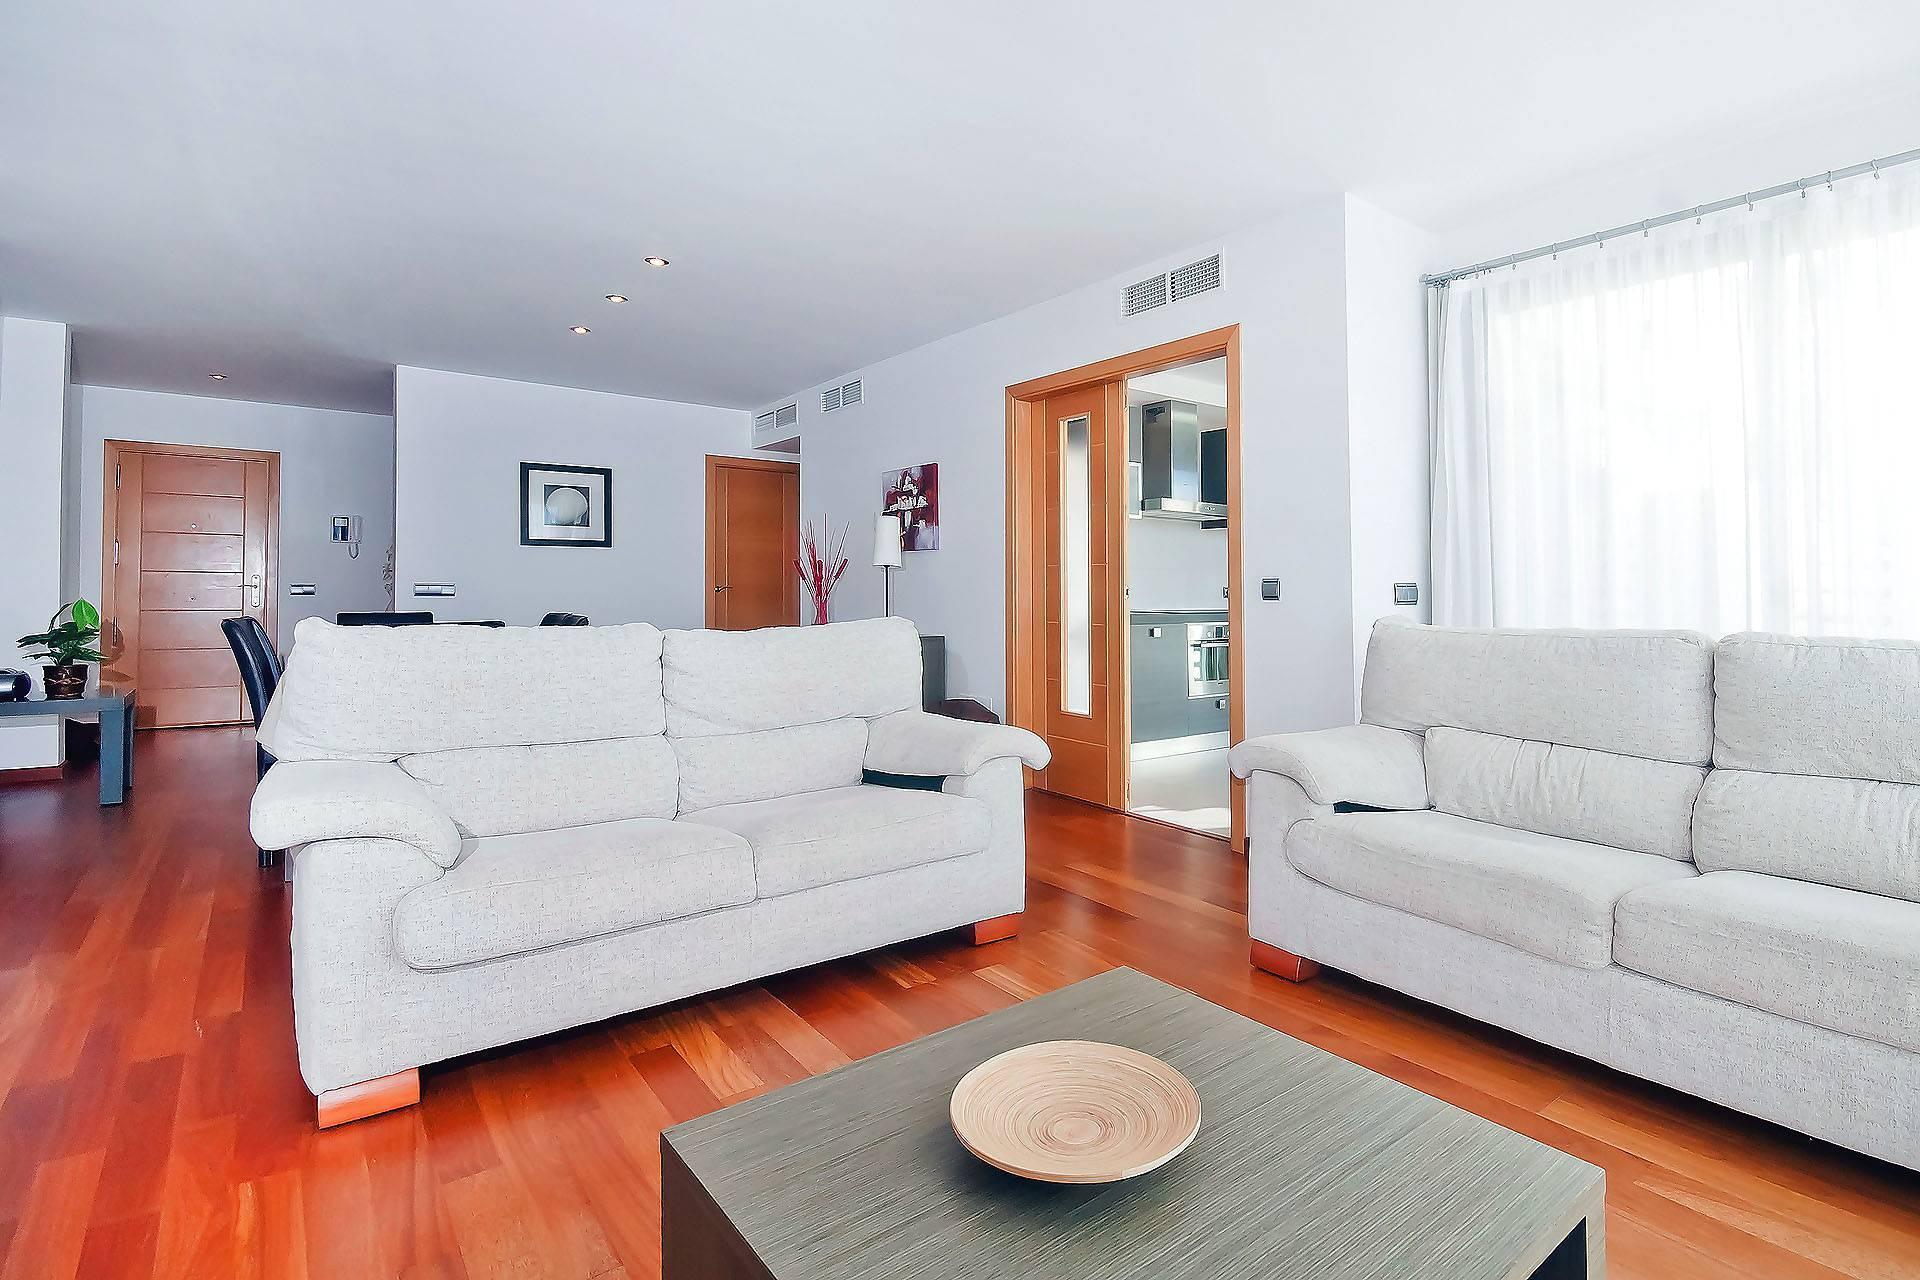 01-203 Luxus Ferienwohnung Mallorca Norden Bild 12